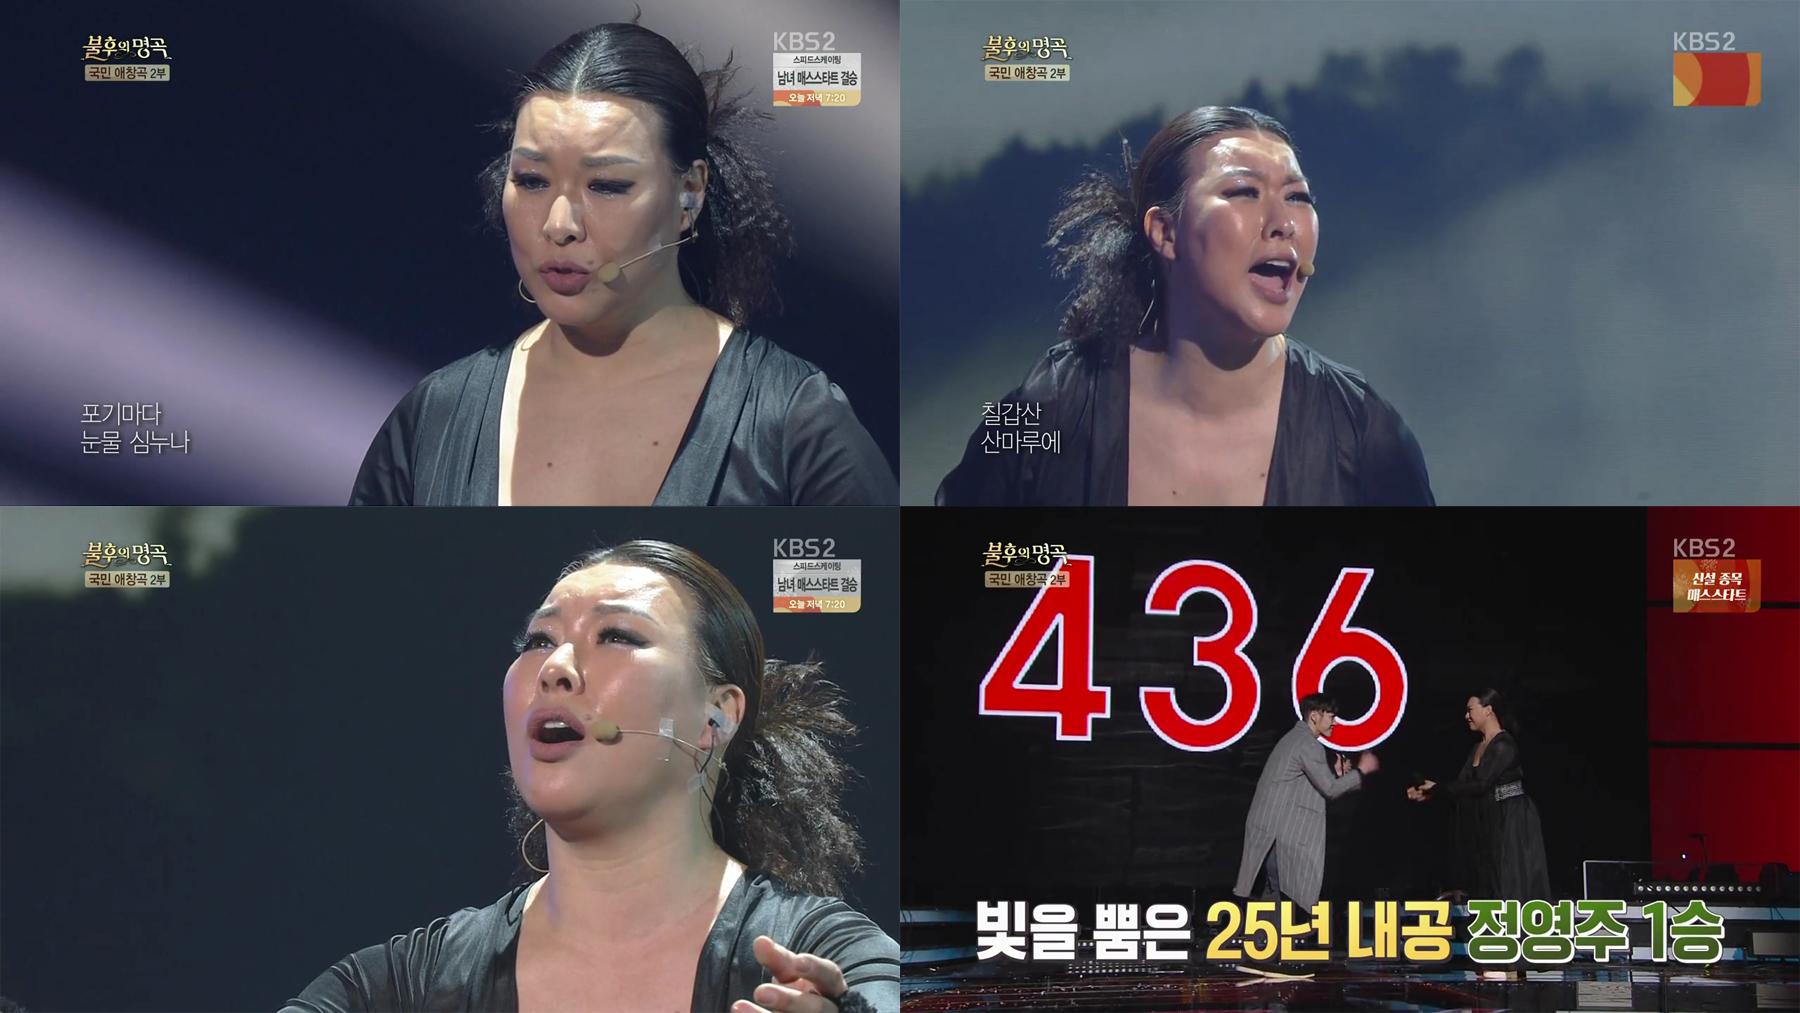 '불후의 명곡' 정영주 매직, 폭발적 가창력으로 '휘성-이현' 제치고 2승